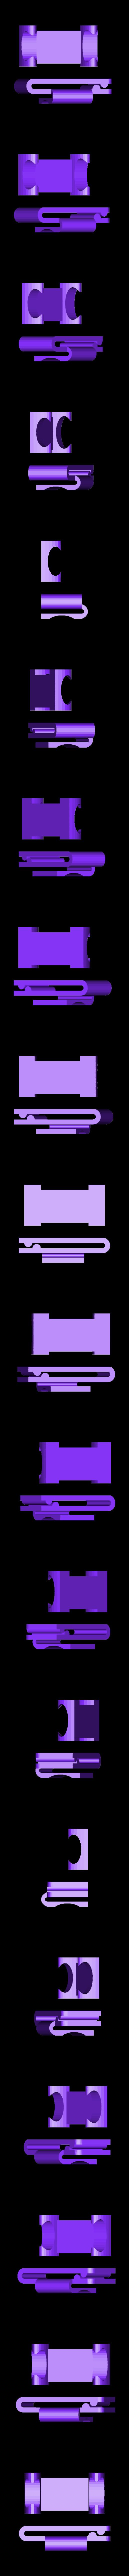 FitClip.stl Télécharger fichier STL gratuit Clip FitBit • Plan imprimable en 3D, Not3dred